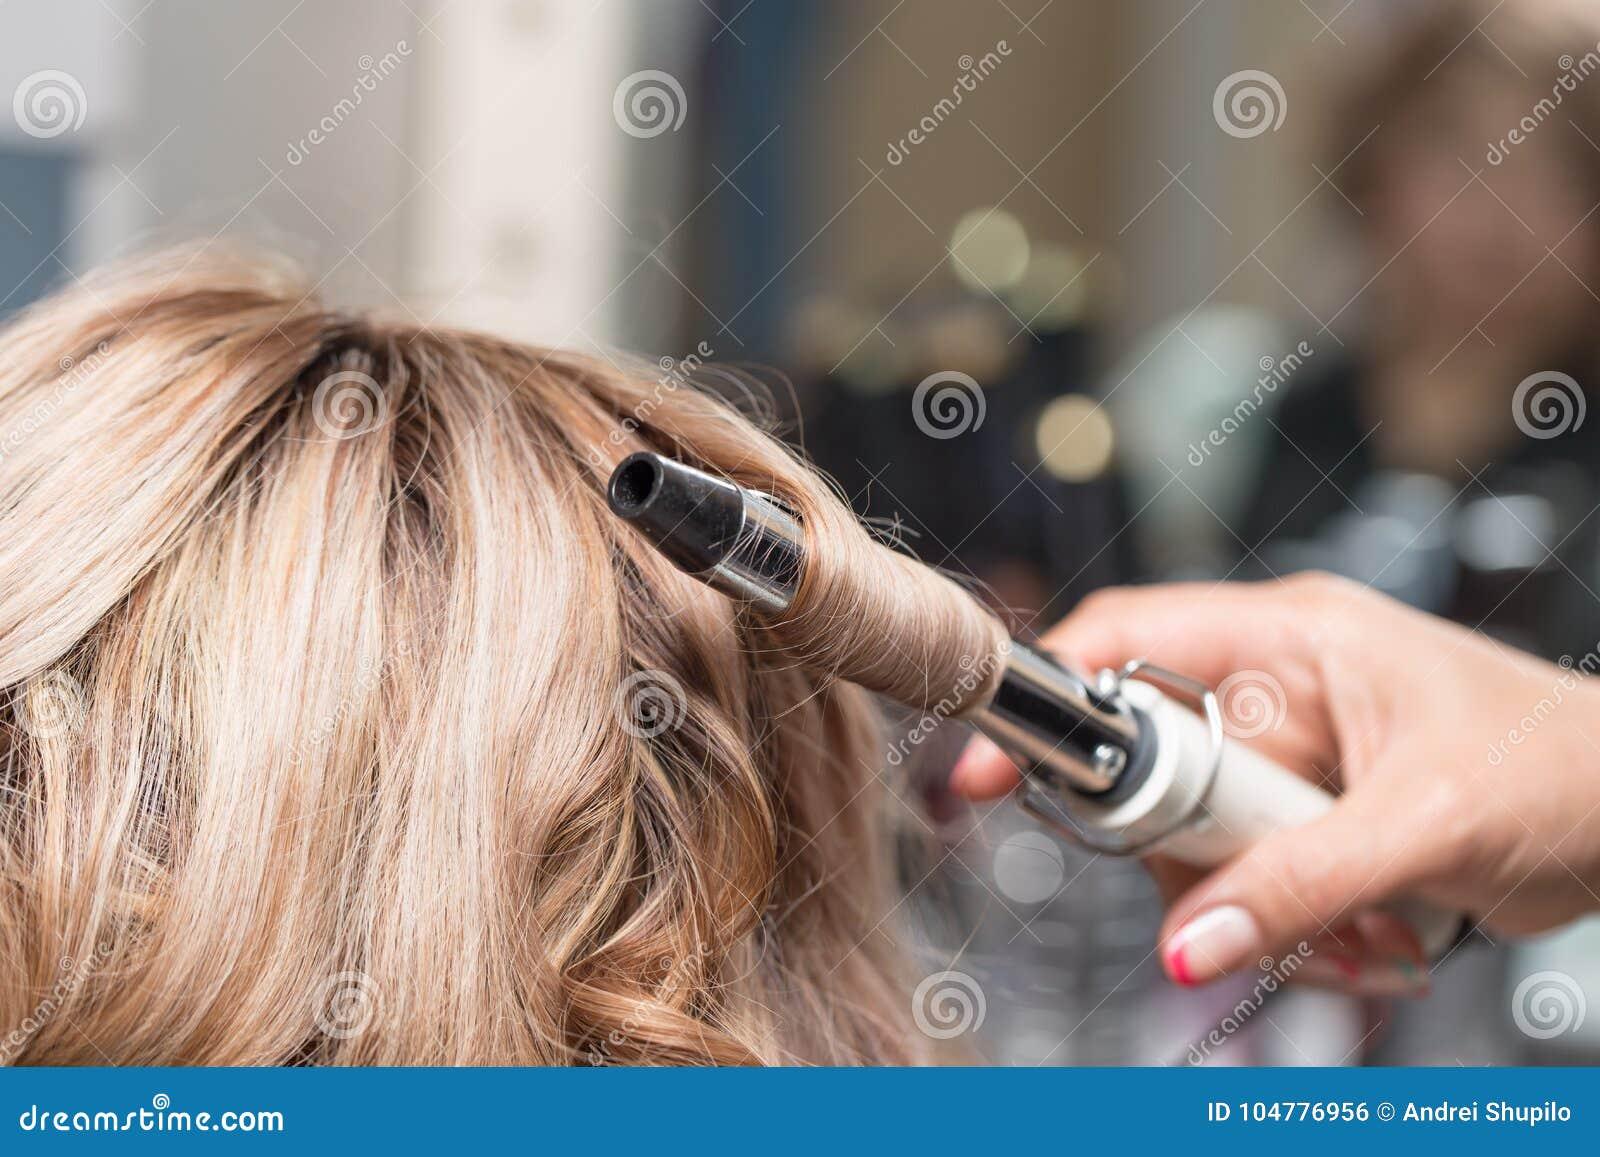 Θηλυκό Hairstyles στο κατσάρωμα σε ένα σαλόνι ομορφιάς